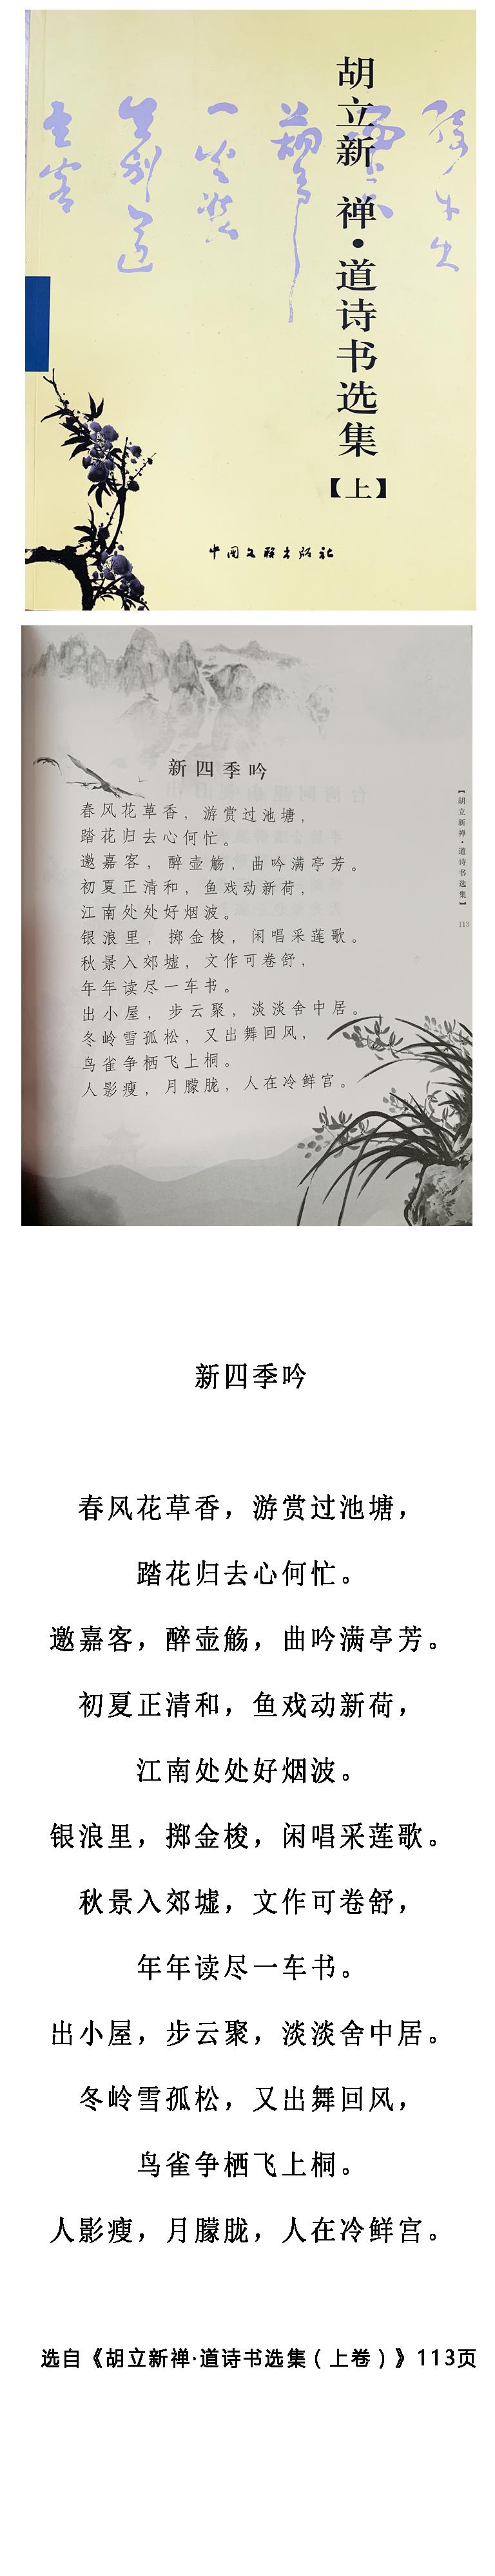 胡立新禅道诗书选集------新四季吟